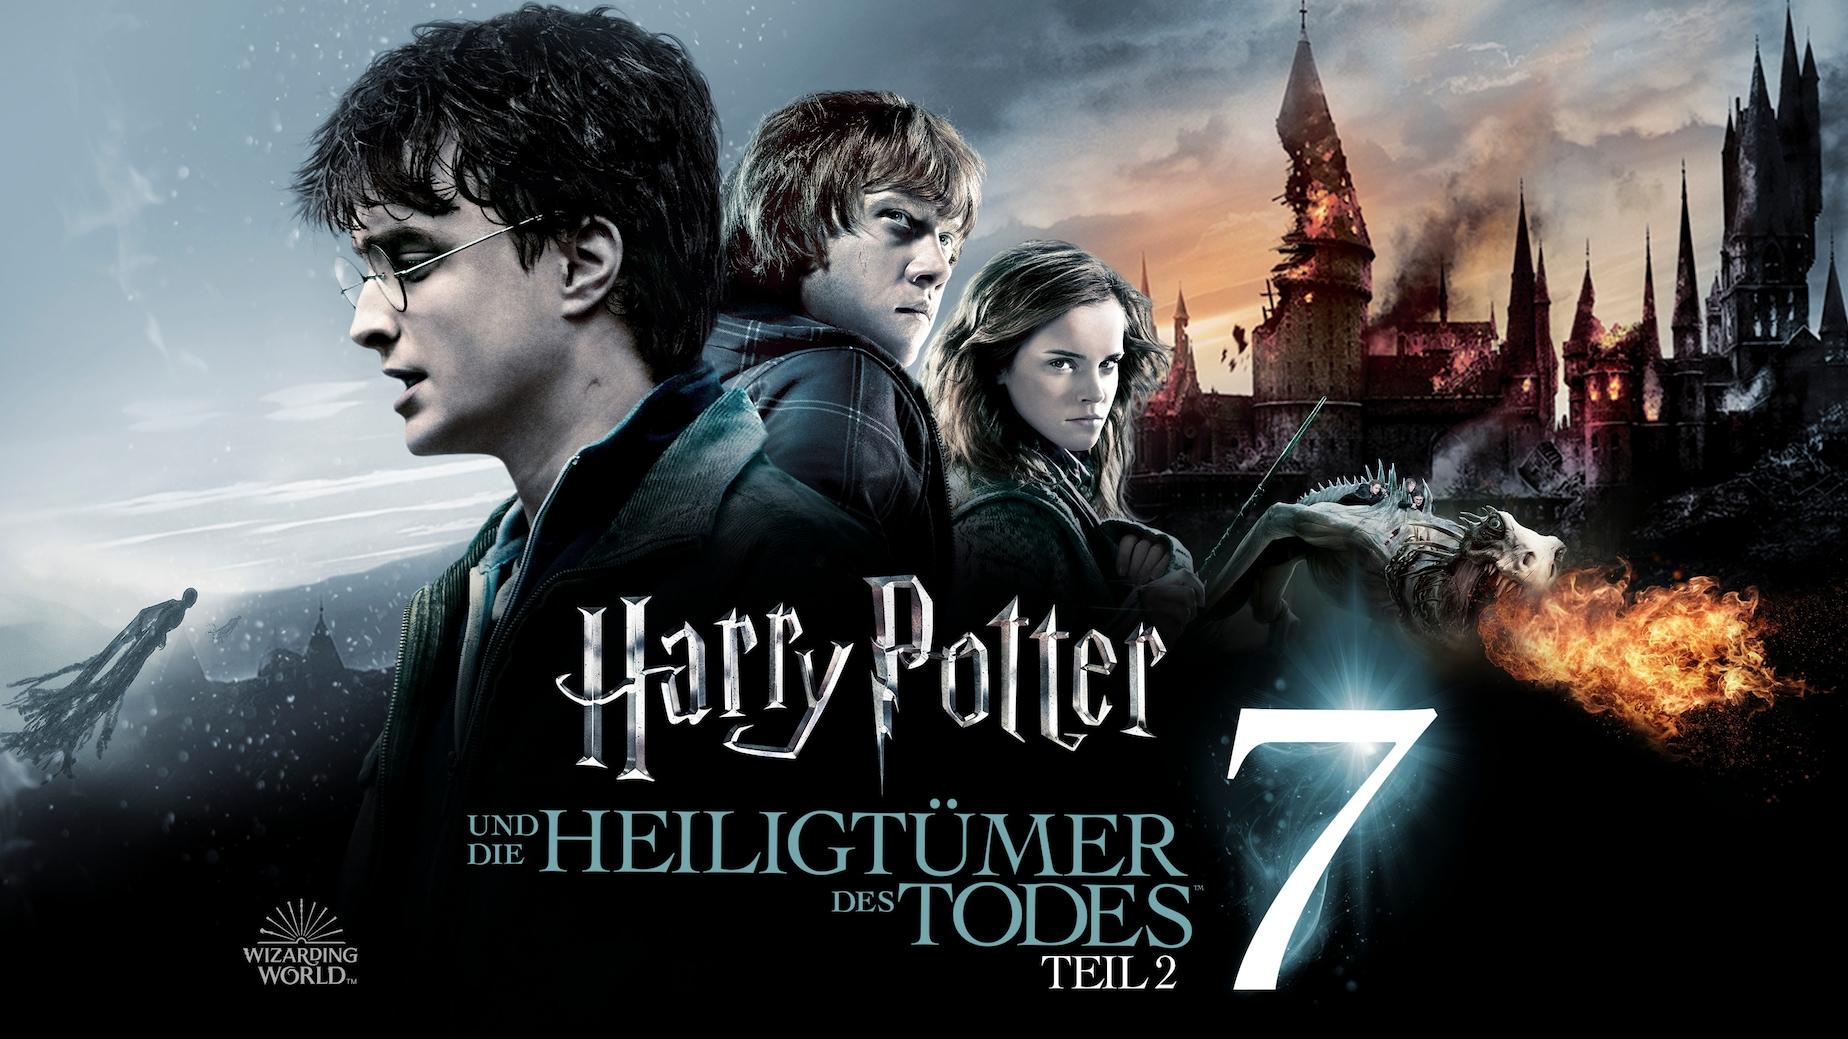 Harry Potter Und Die Heiligtümer Des Todes Teil 2 Streaming Jetzt